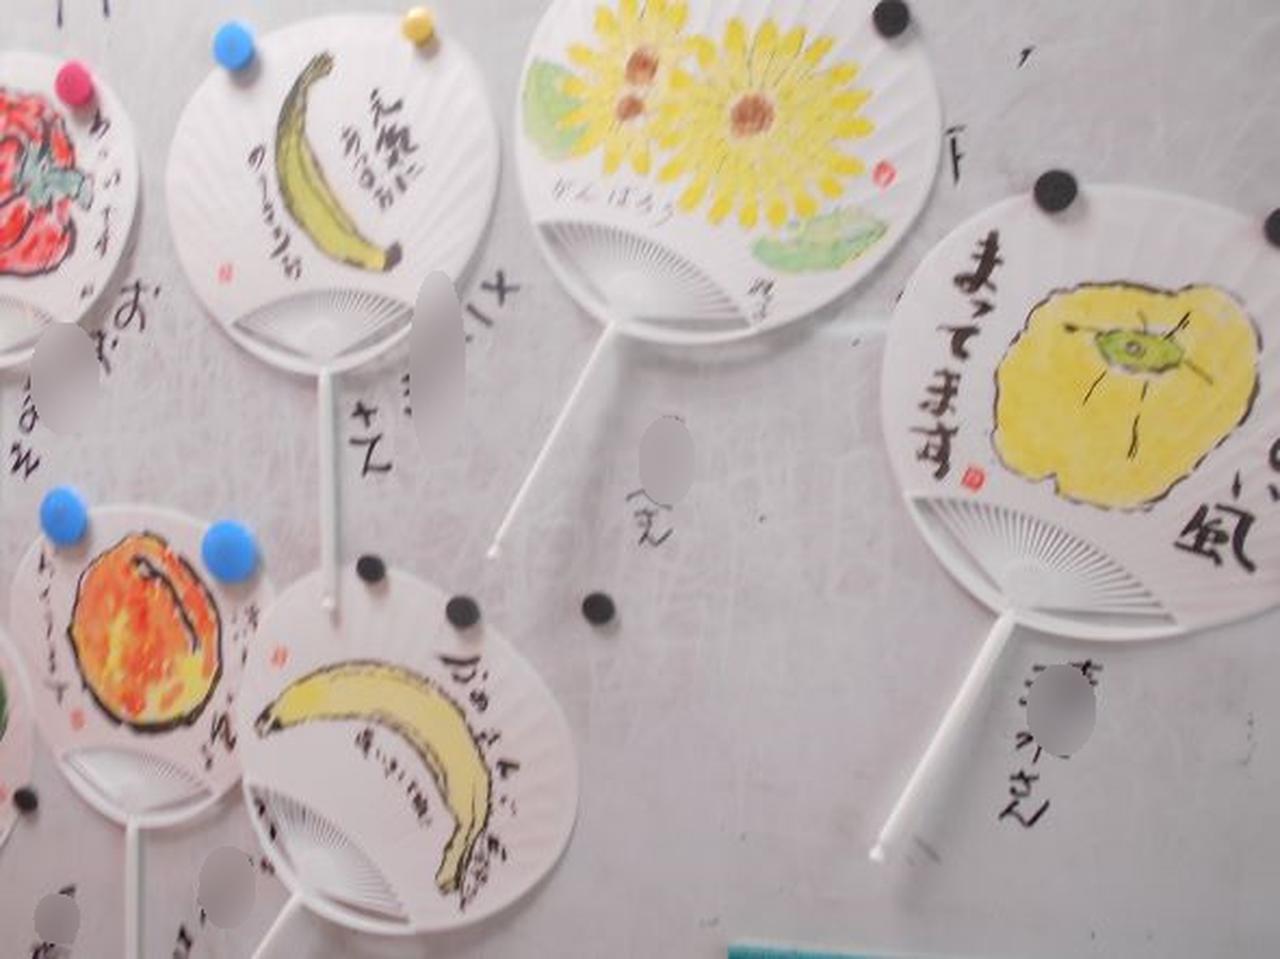 画像3: 「団扇の絵手紙」杉並区絵手紙展に展示いたします。